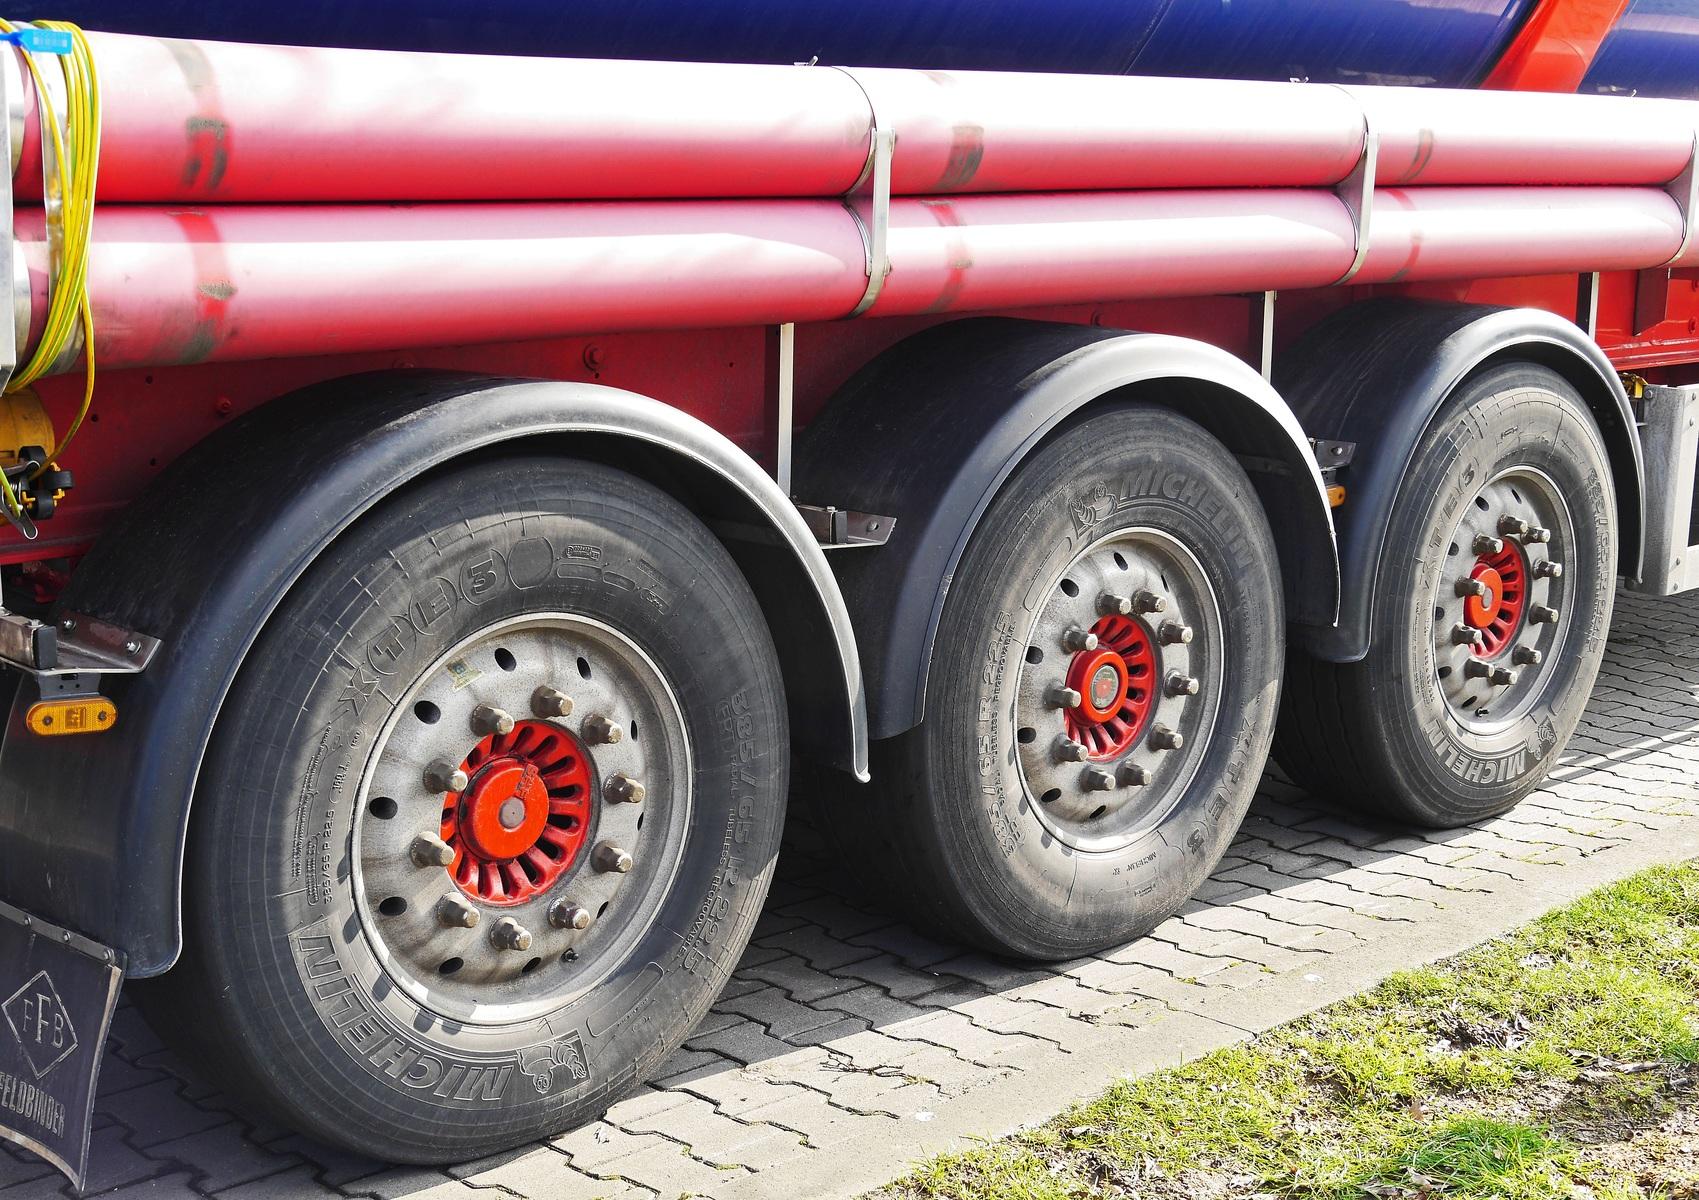 Caminhão pipa: O que é, pra que serve, como ele funciona?